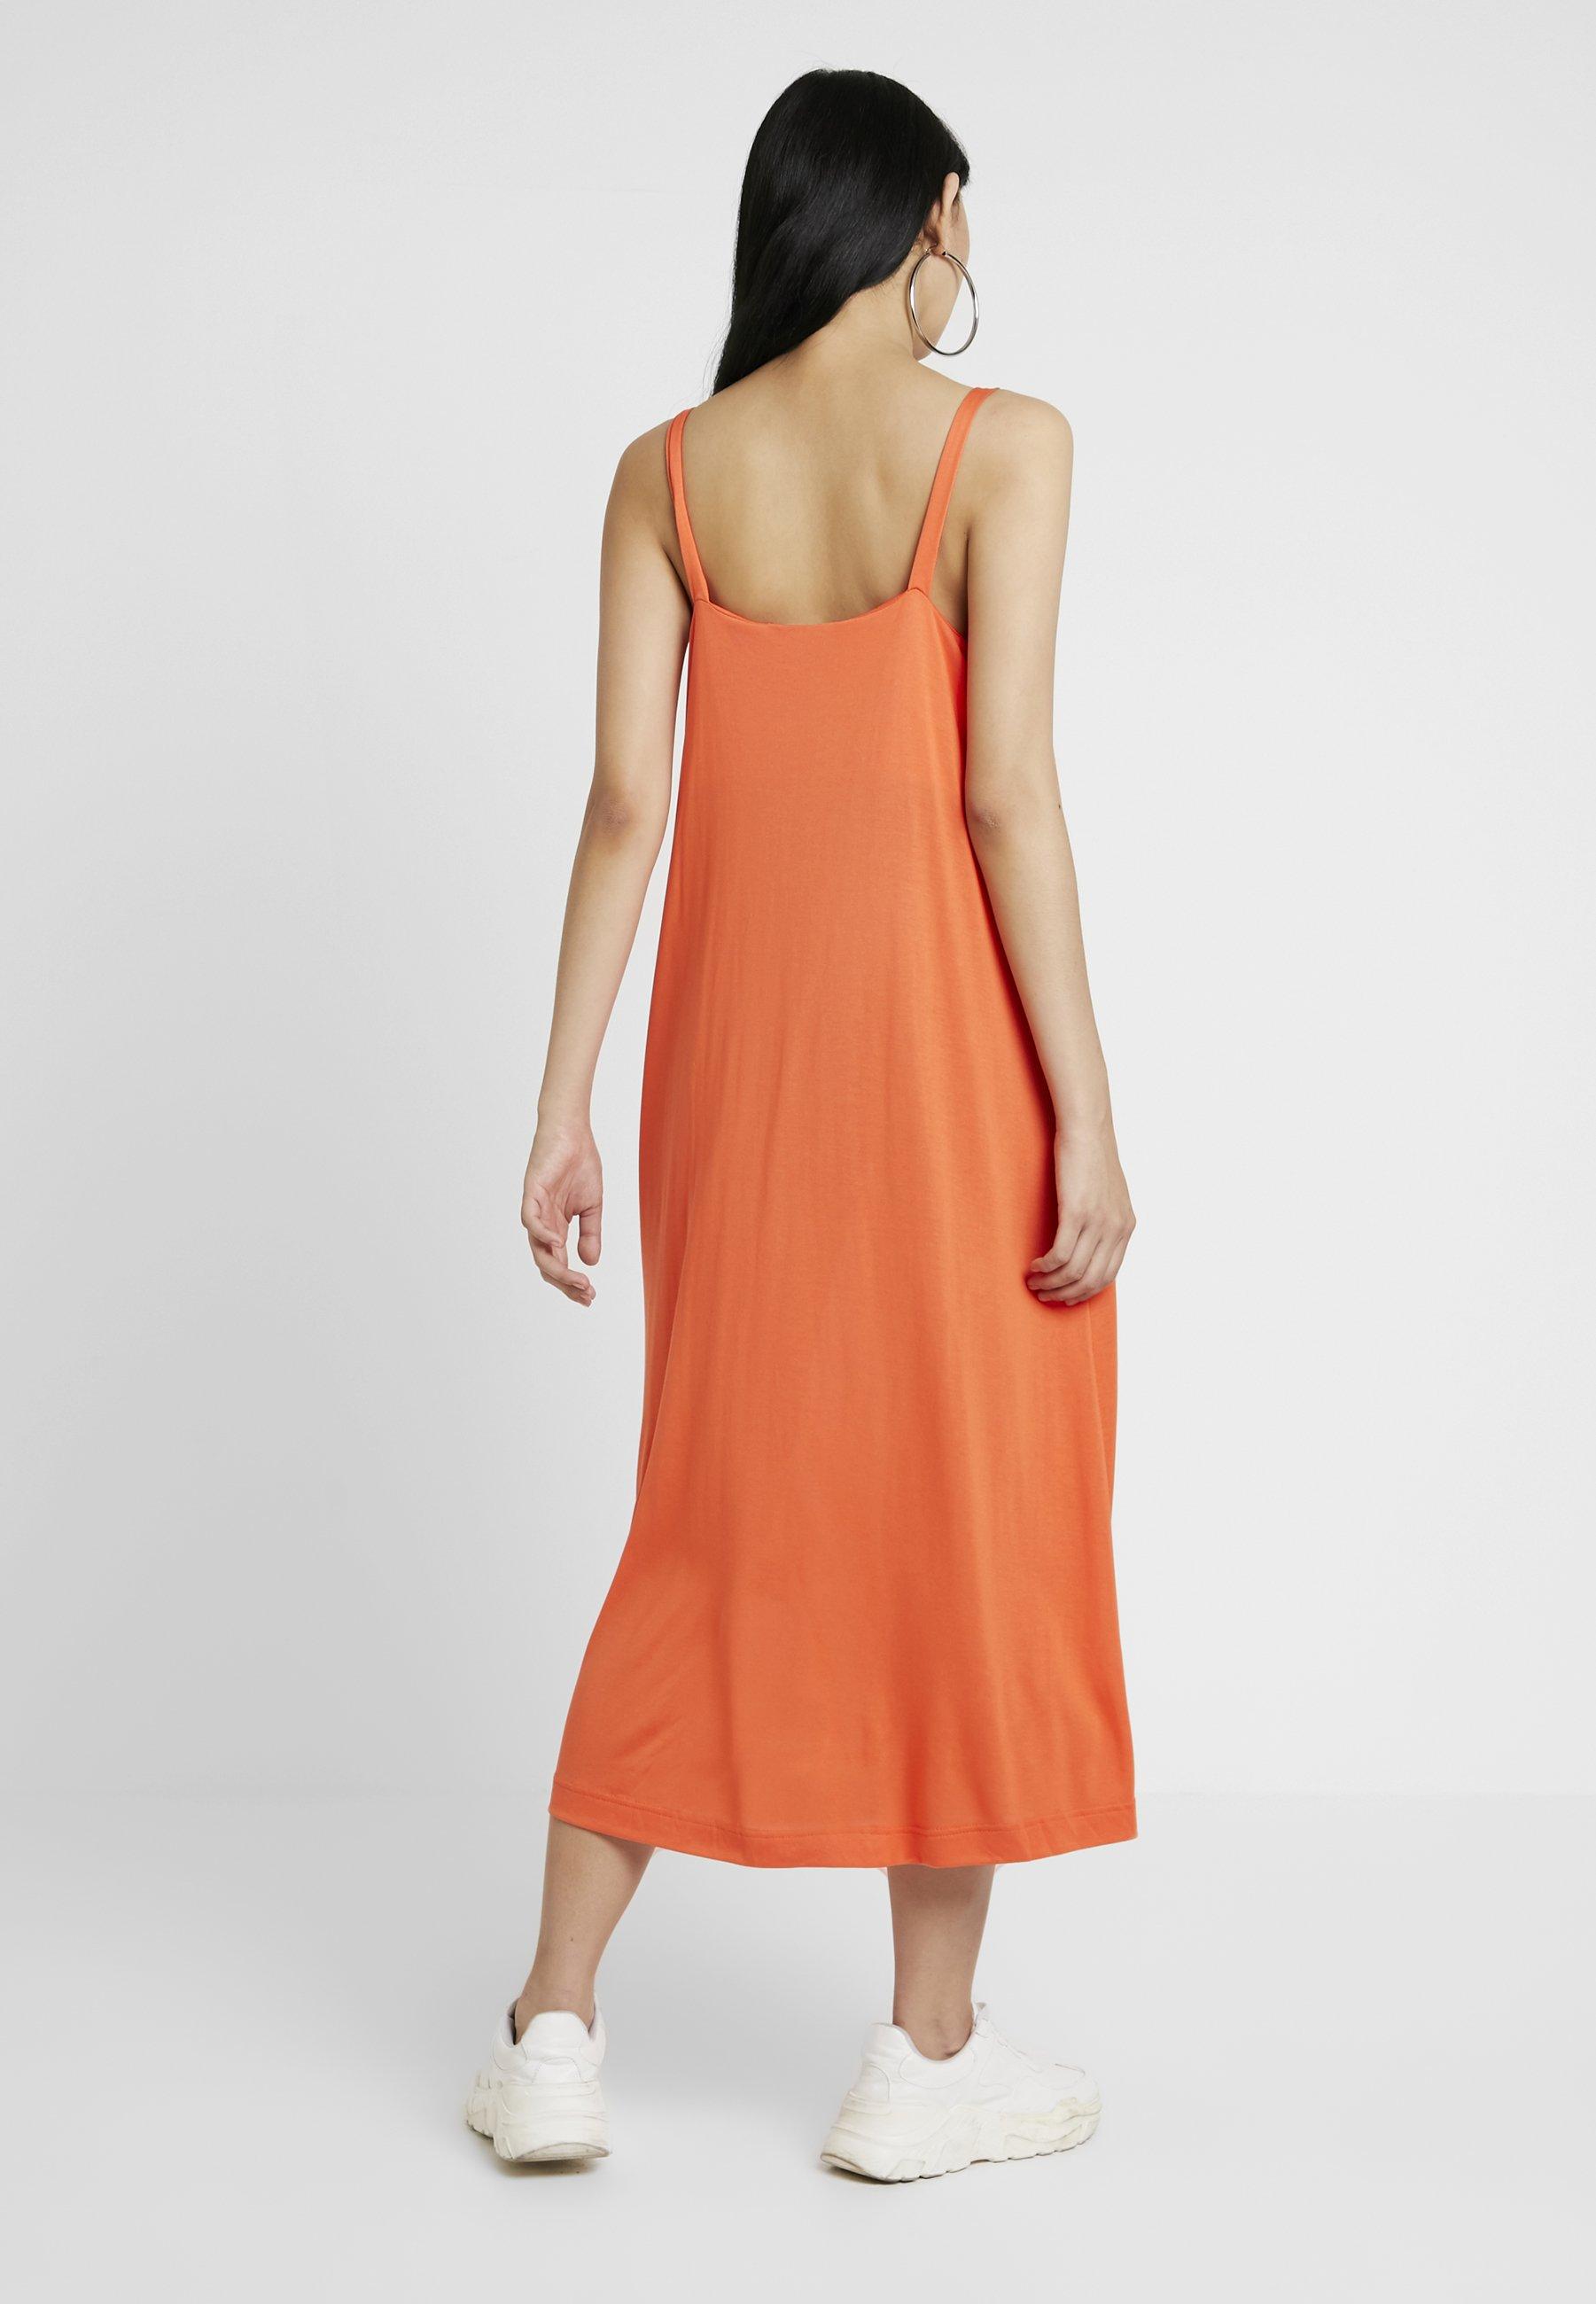 Prue Longue Orange Weekday DressRobe Prue DressRobe Weekday LpUVMSzGq